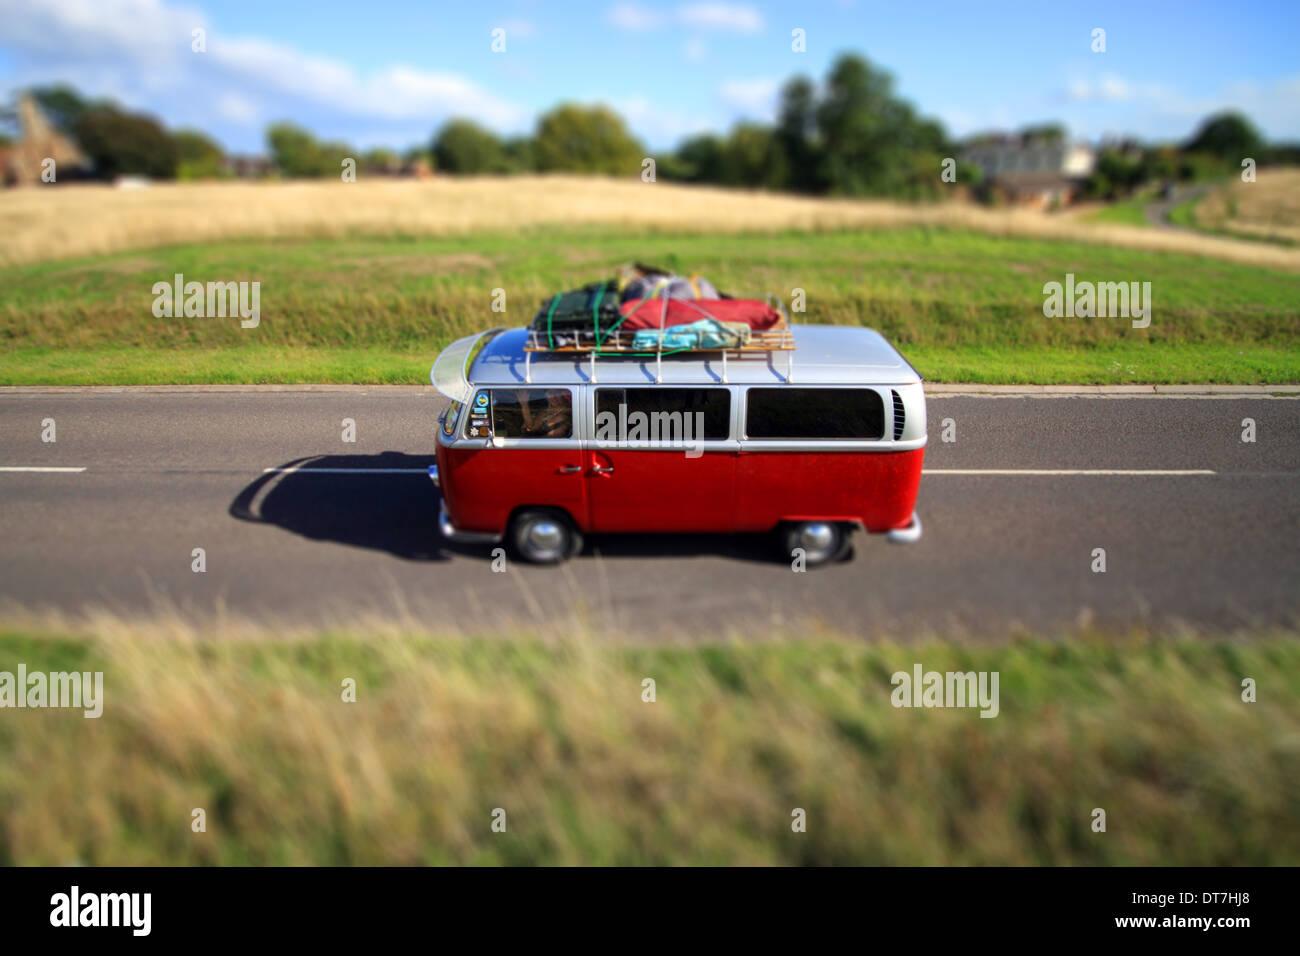 Volkswagen campervan driving along road - Stock Image